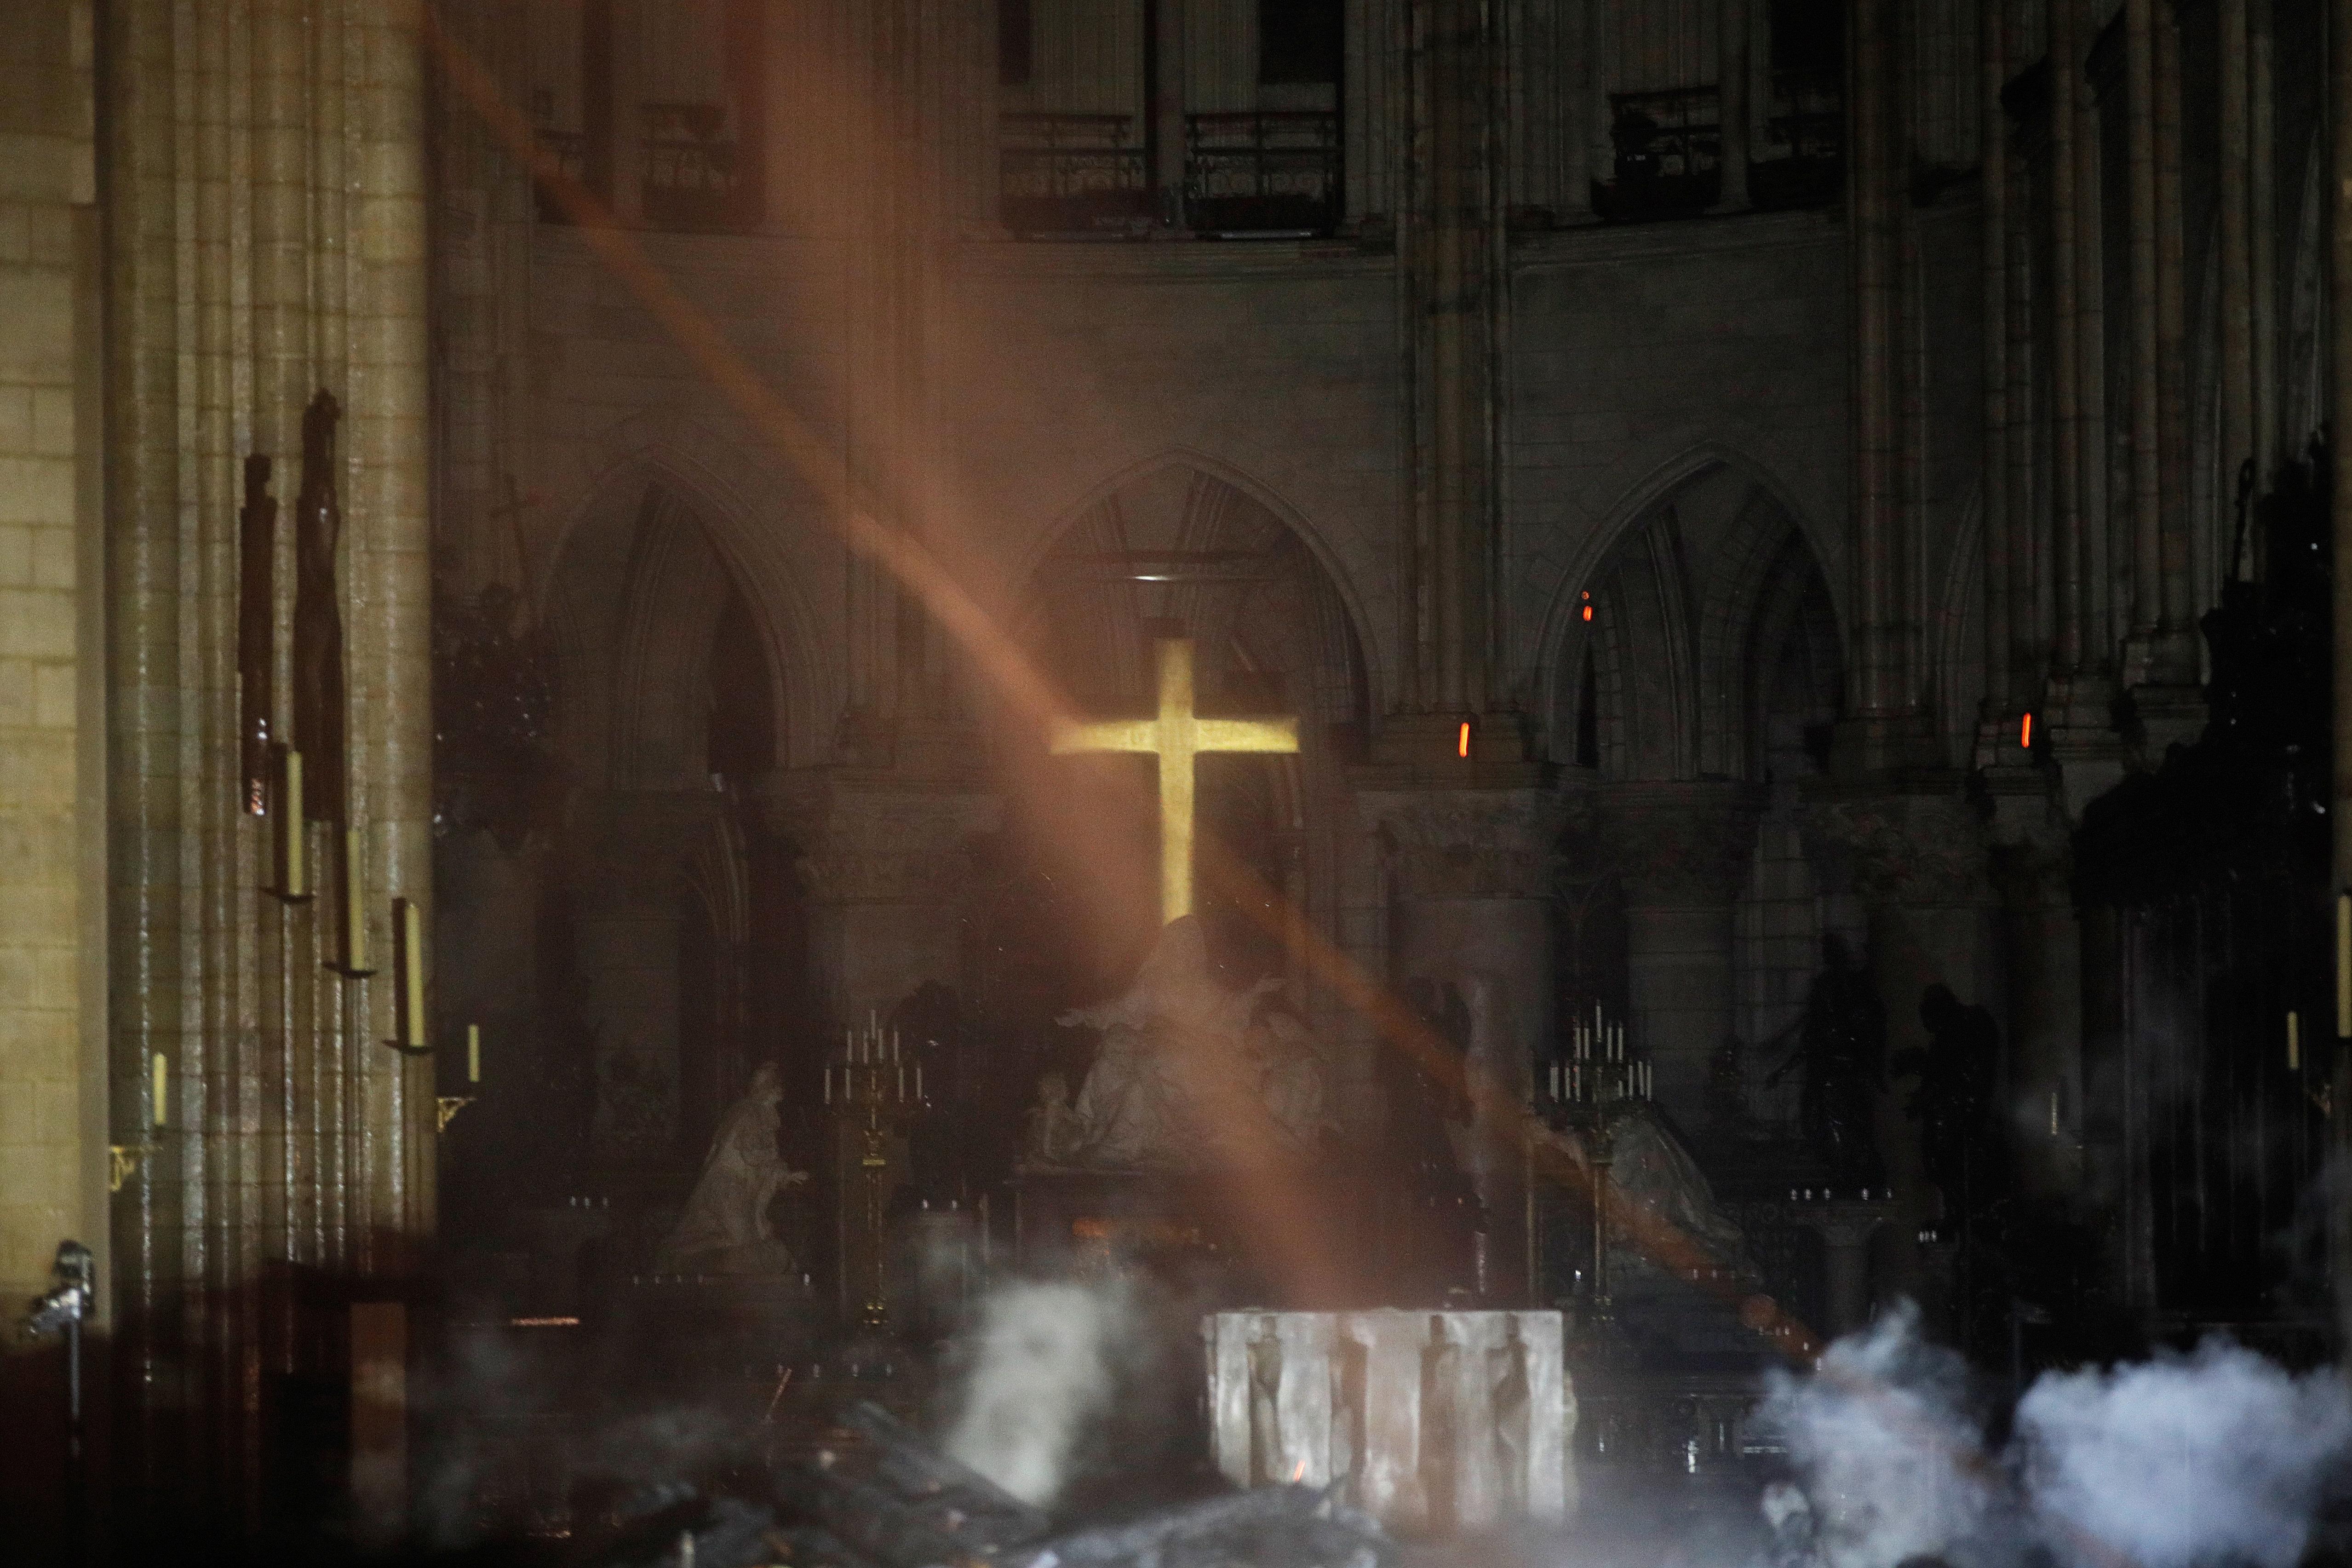 Smoke rises around the altar inside Notre Dame.